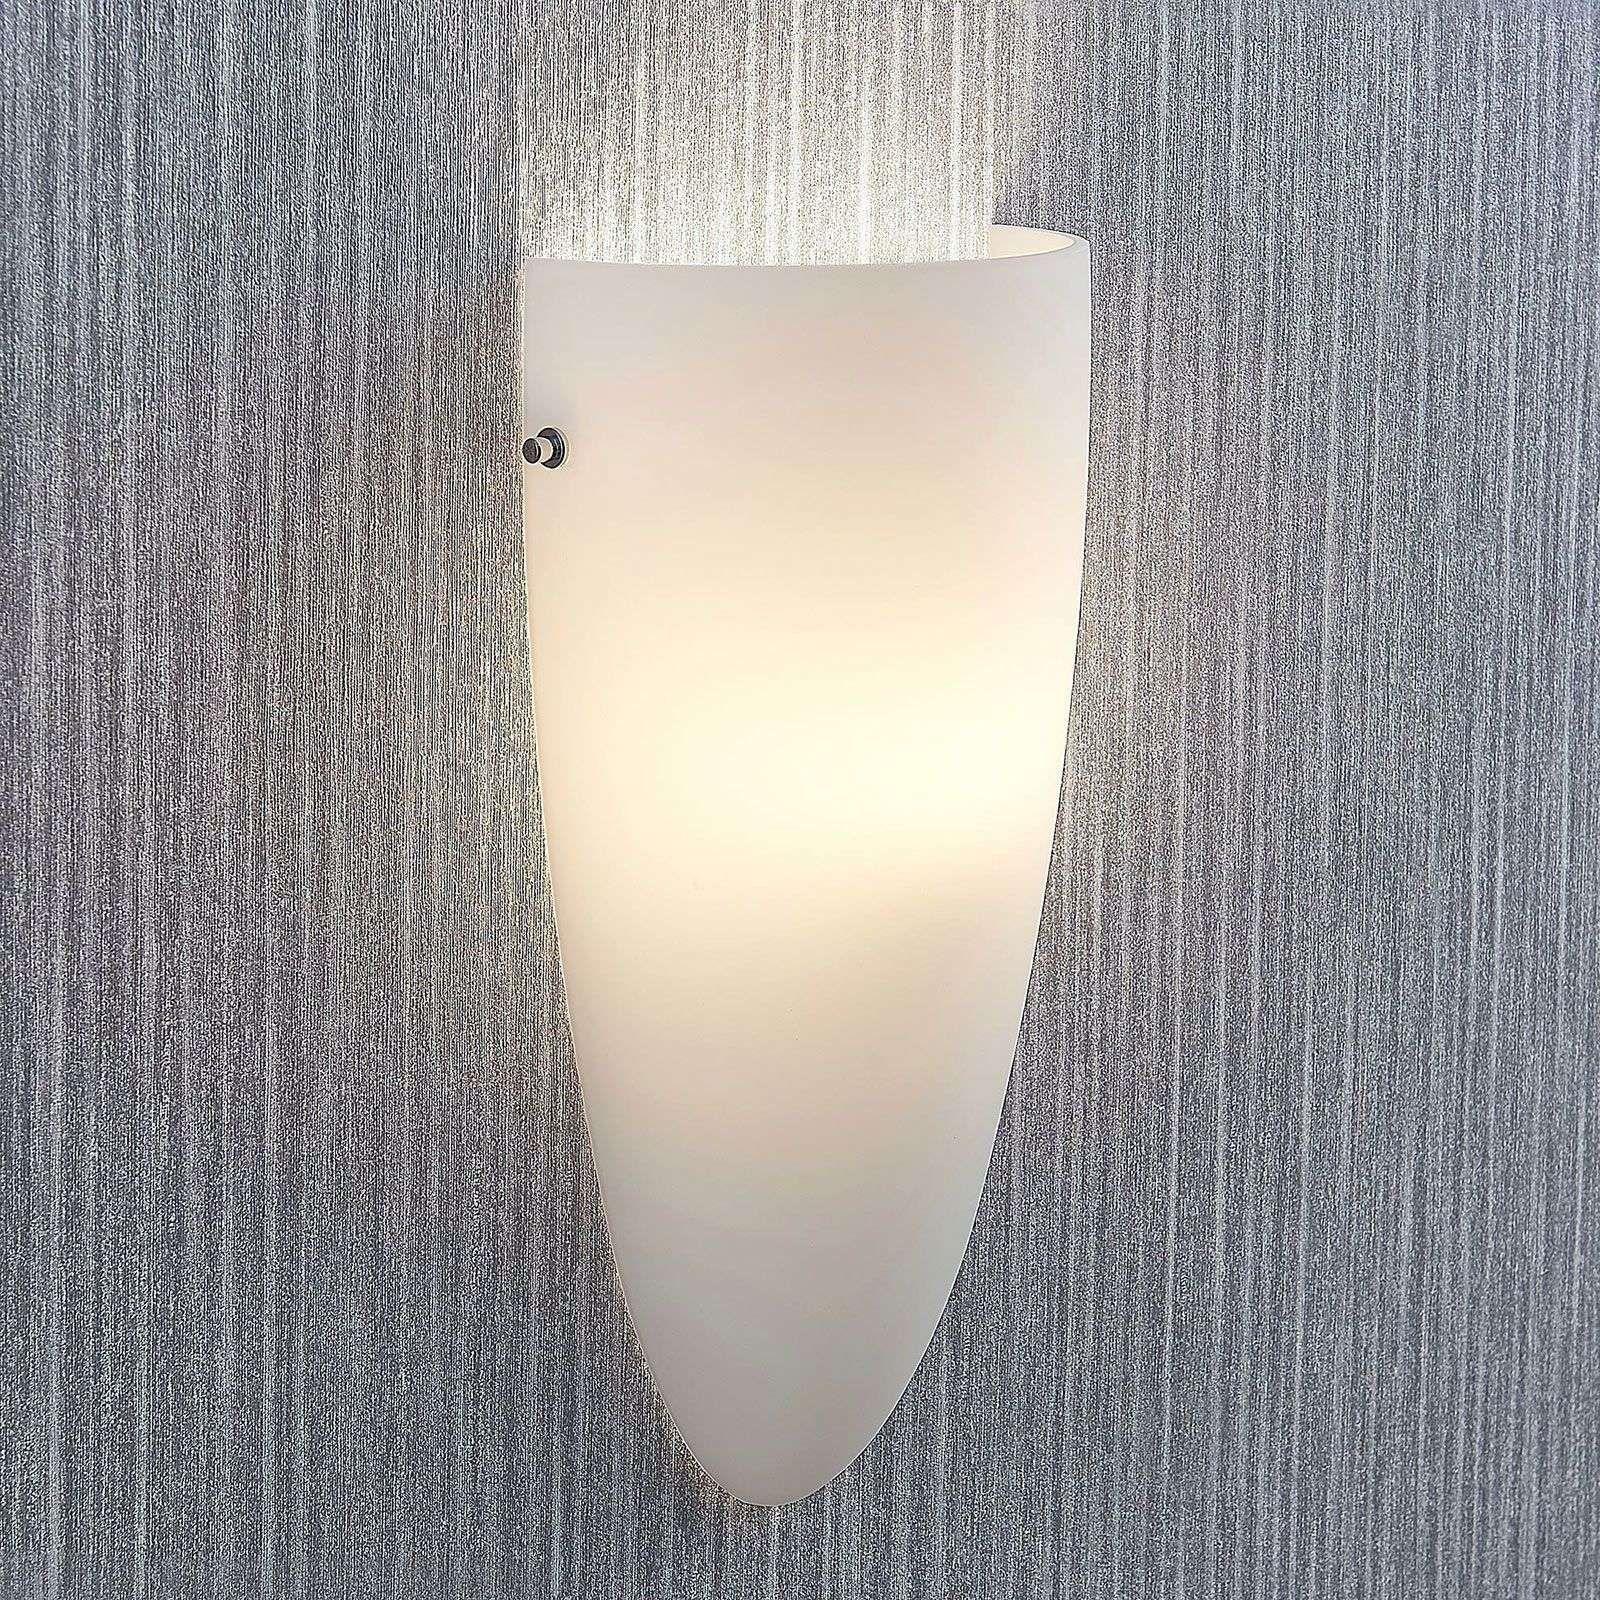 Wandspot Mit Kabel Wandlampe Eckig Led Aussenwandleuchte Dimmbar Gev 11 W Led Wandleuchte Mit 120 Bewegungsmelder Led Wand In 2020 Wandleuchte Beleuchtung Wand